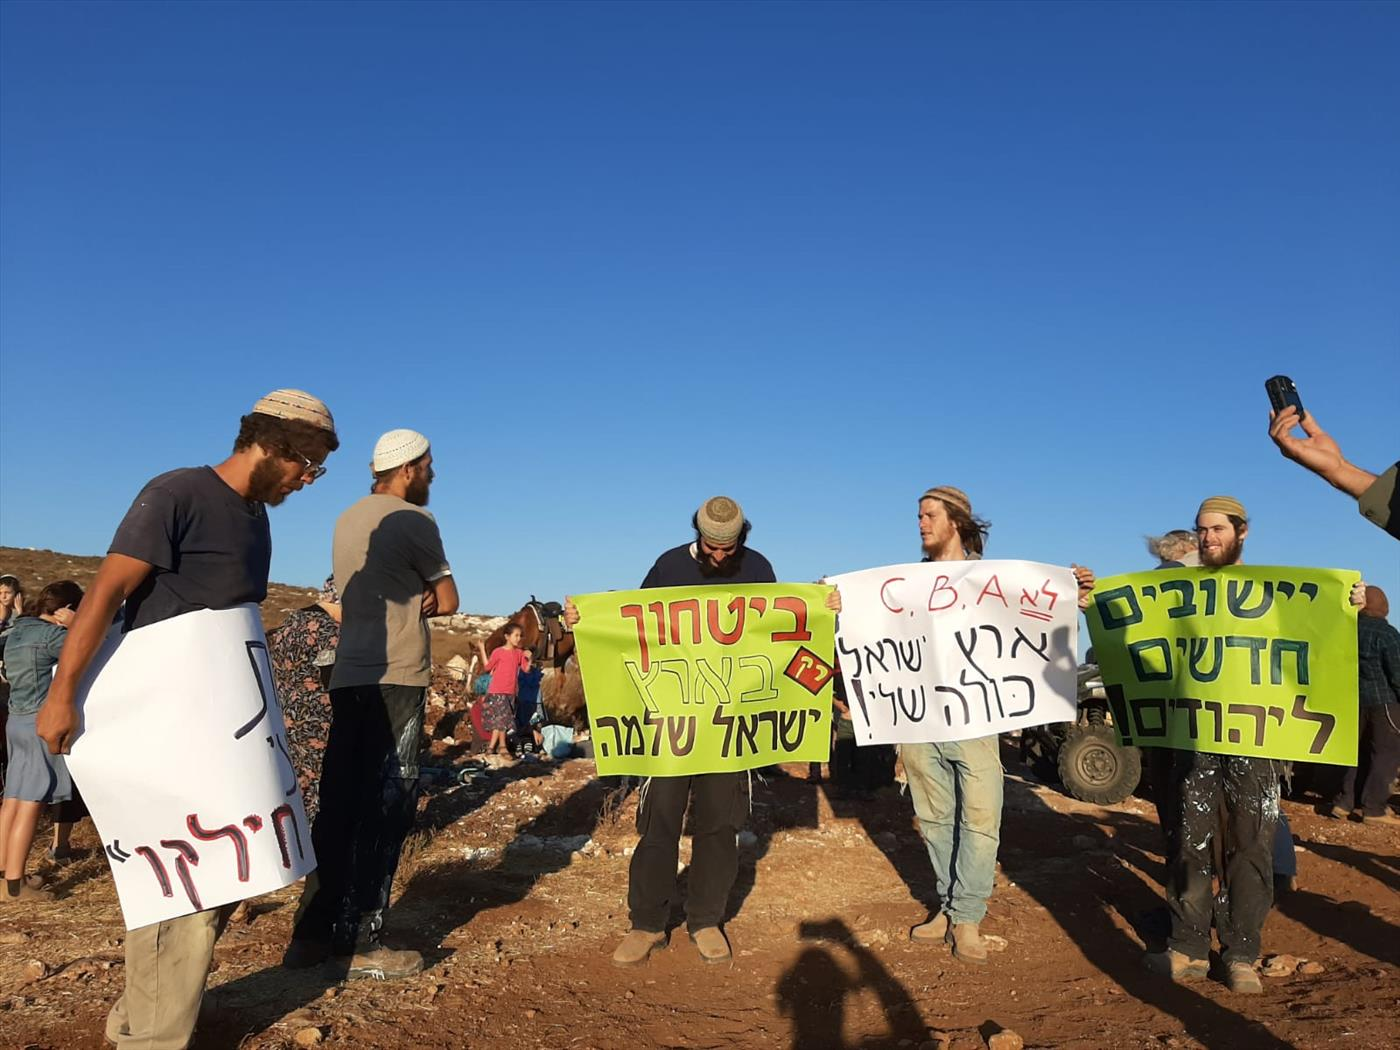 המחאה אמש בשטח הבנייה  (צילום: גאולת ציון בחזון ובמעש)